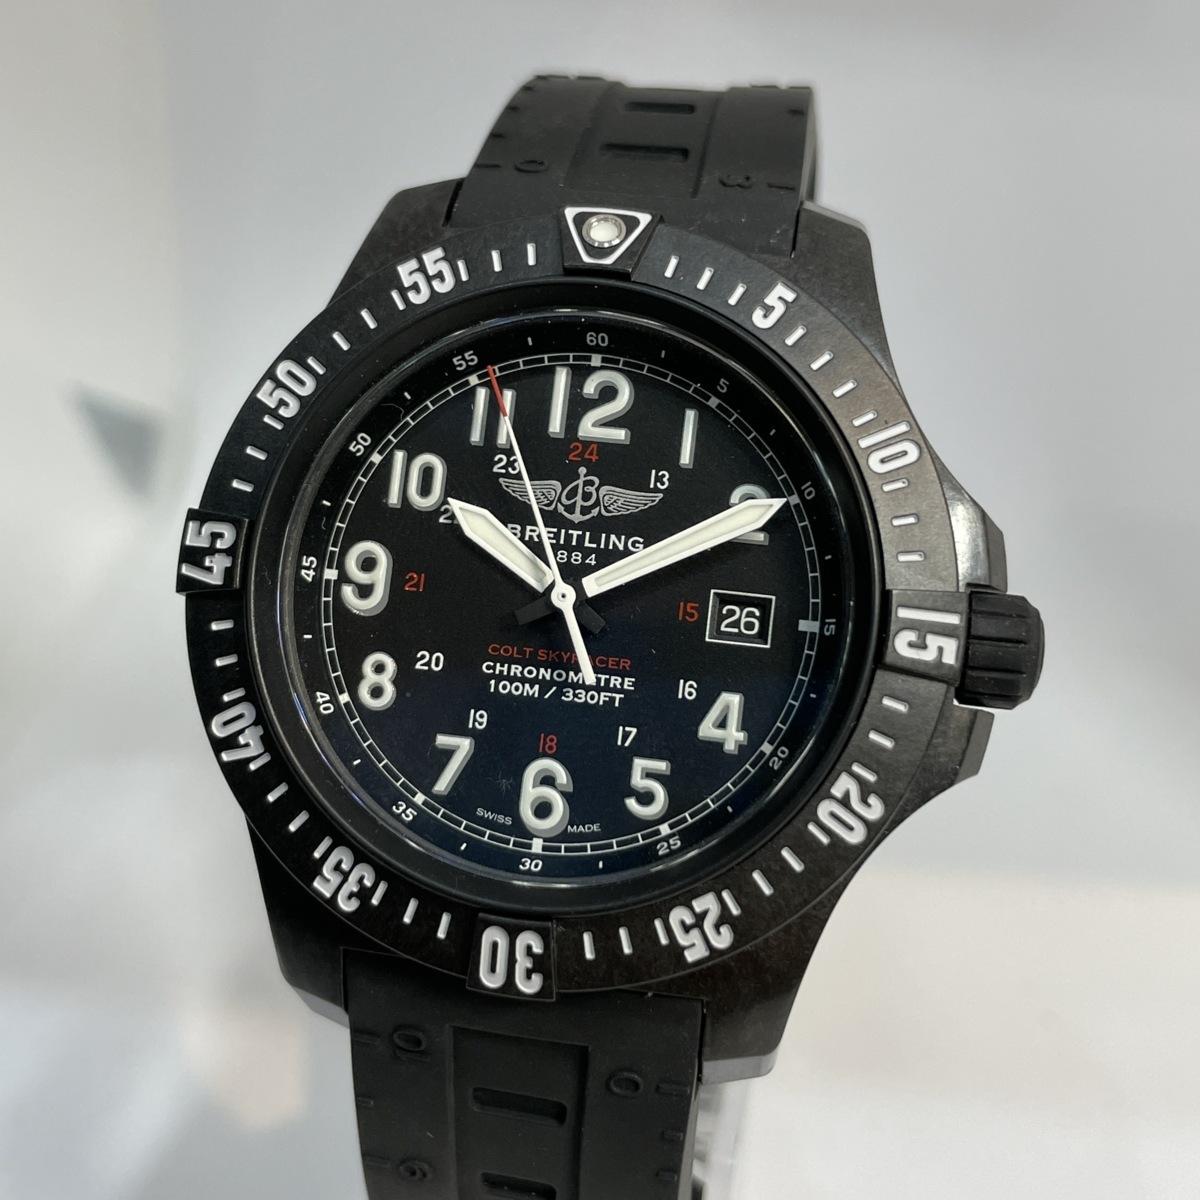 ◎1円~ 美品 ブライトリング Breitling コルト スカイレーサー 黒文字盤 X74320 メンズ クオーツ ギャランティ 腕時計 CD26461138